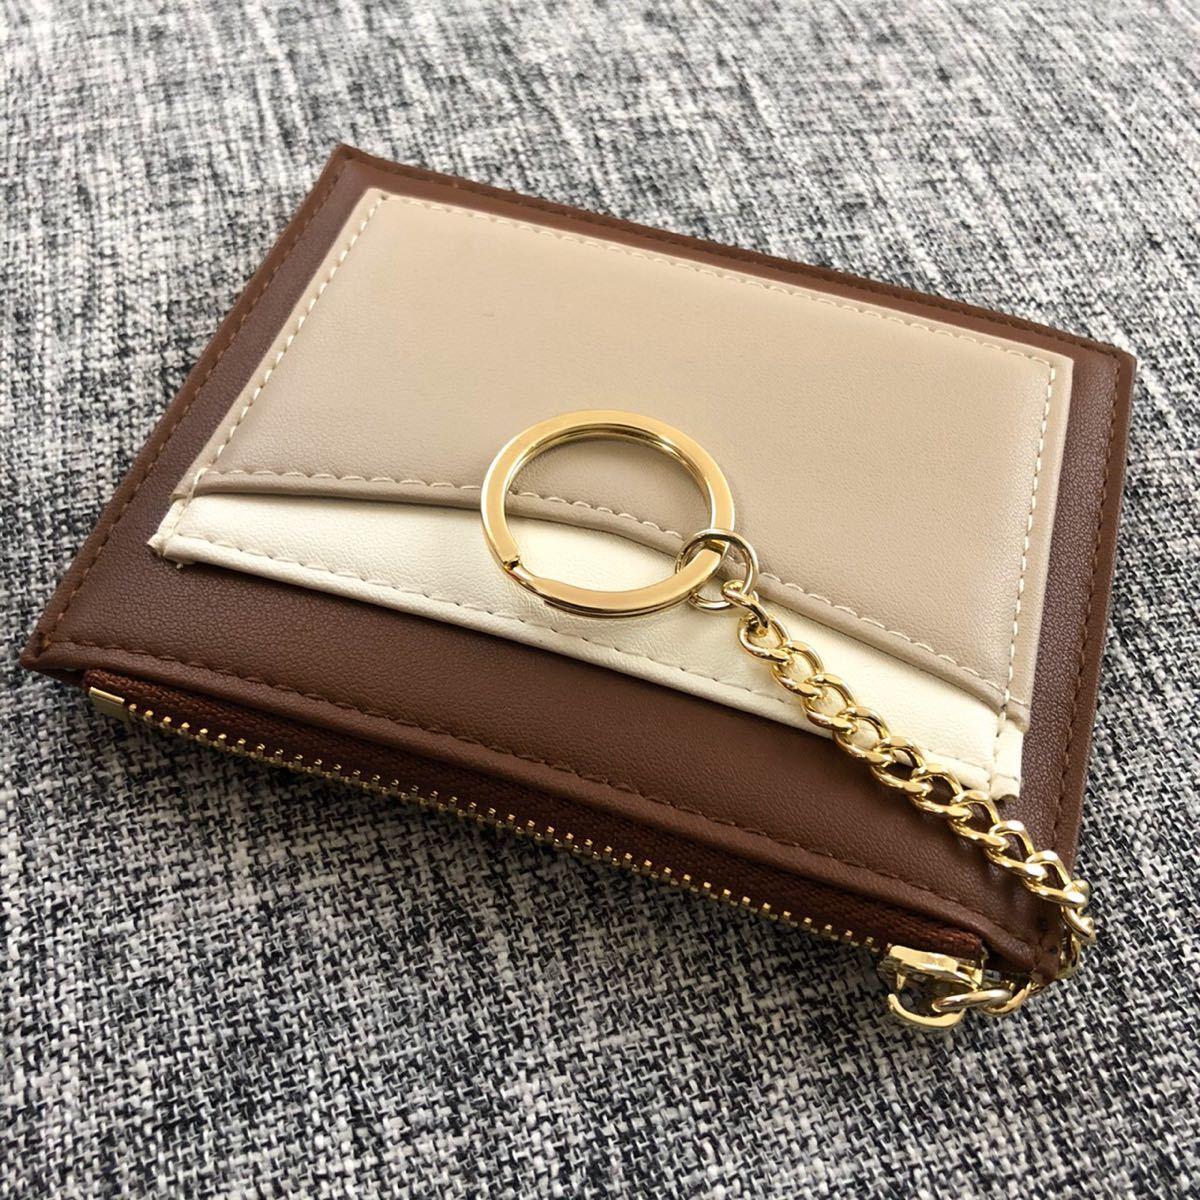 パスケース IDカードホルダー カードケース  定期入れ 小銭入れ コインケース